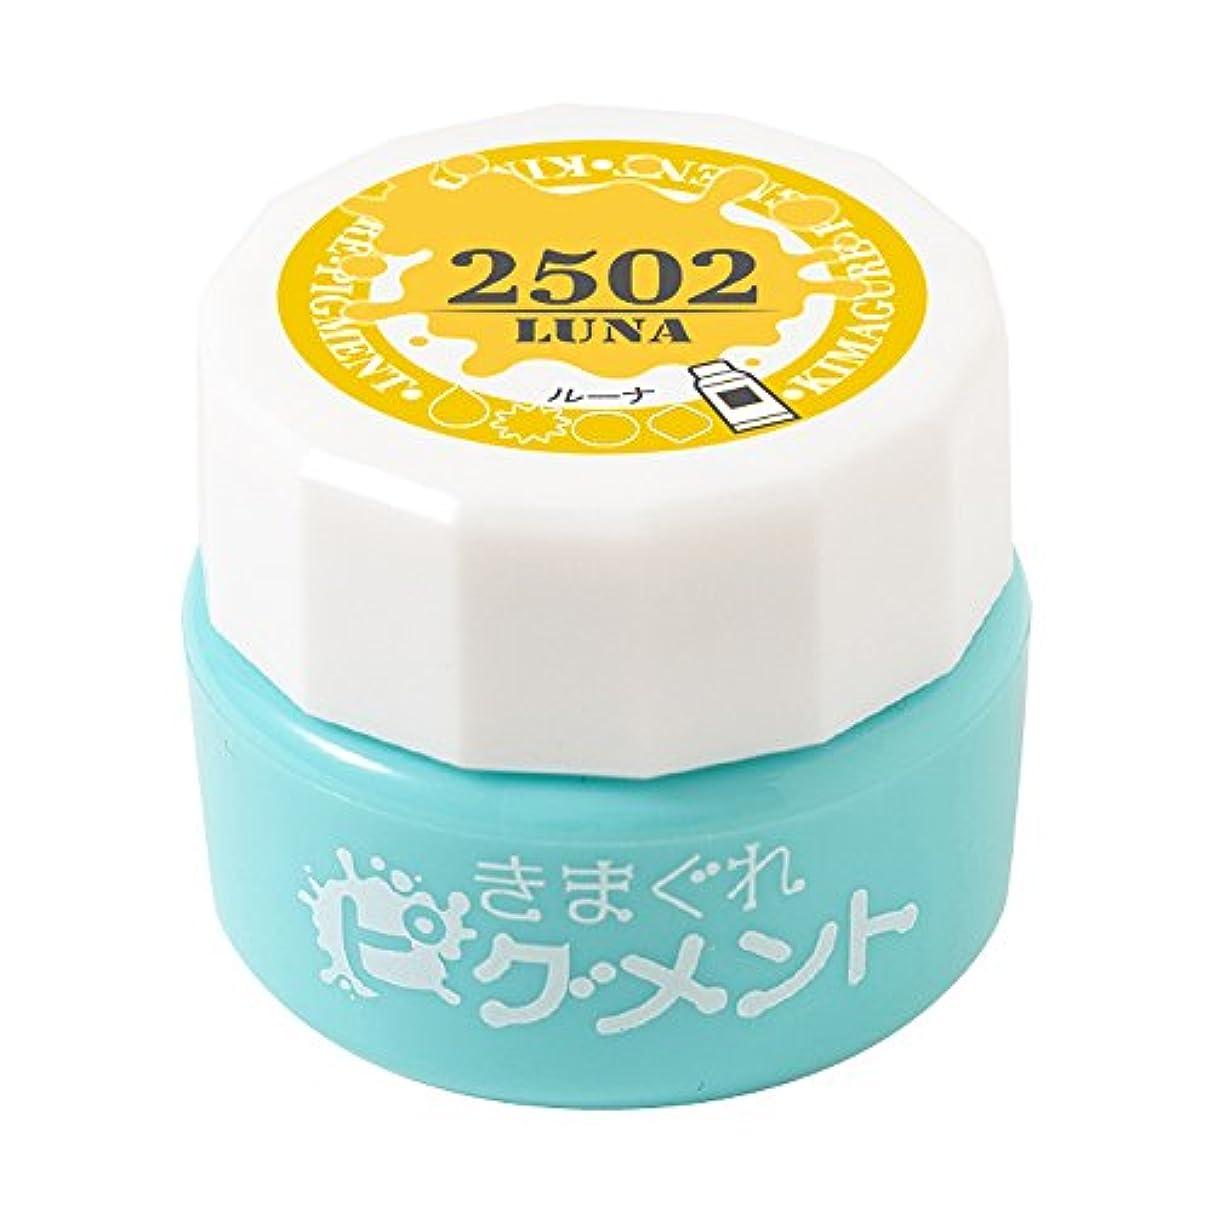 スプリット食品敷居Bettygel きまぐれピグメント ルーナ QYJ-2502 4g UV/LED対応